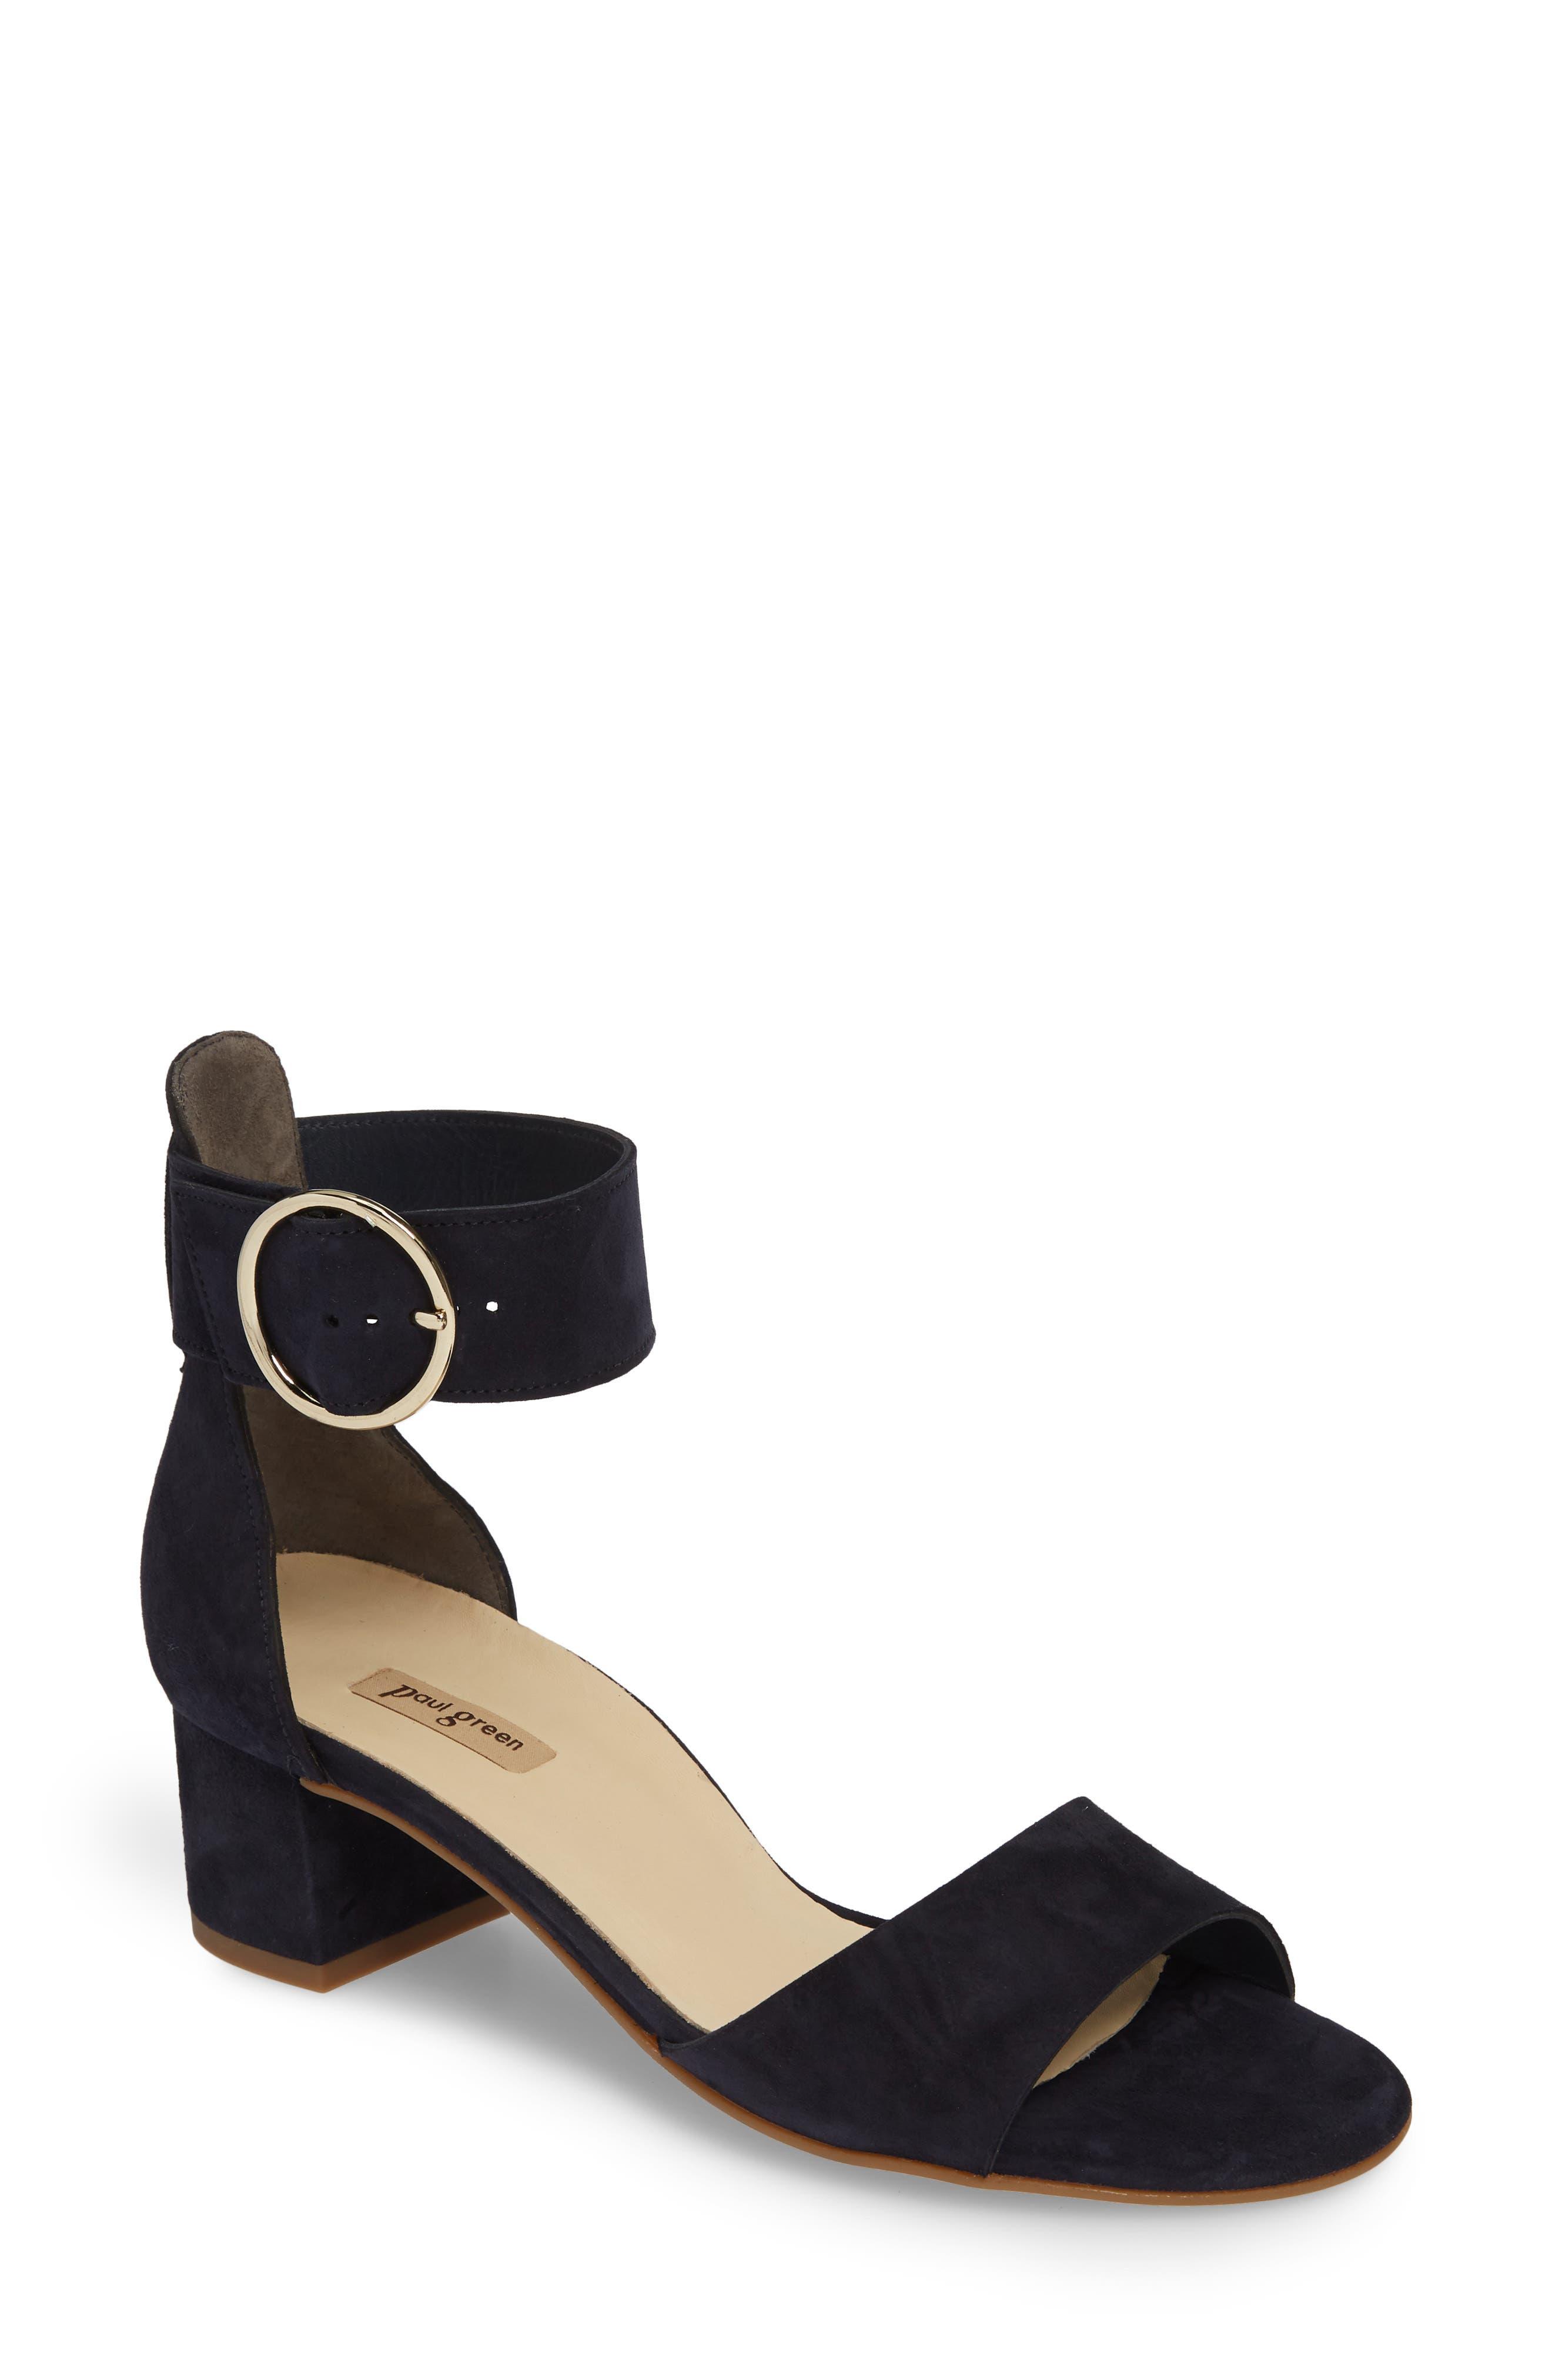 6913a4bcedb71 Women's Paul Green Sandals | Nordstrom